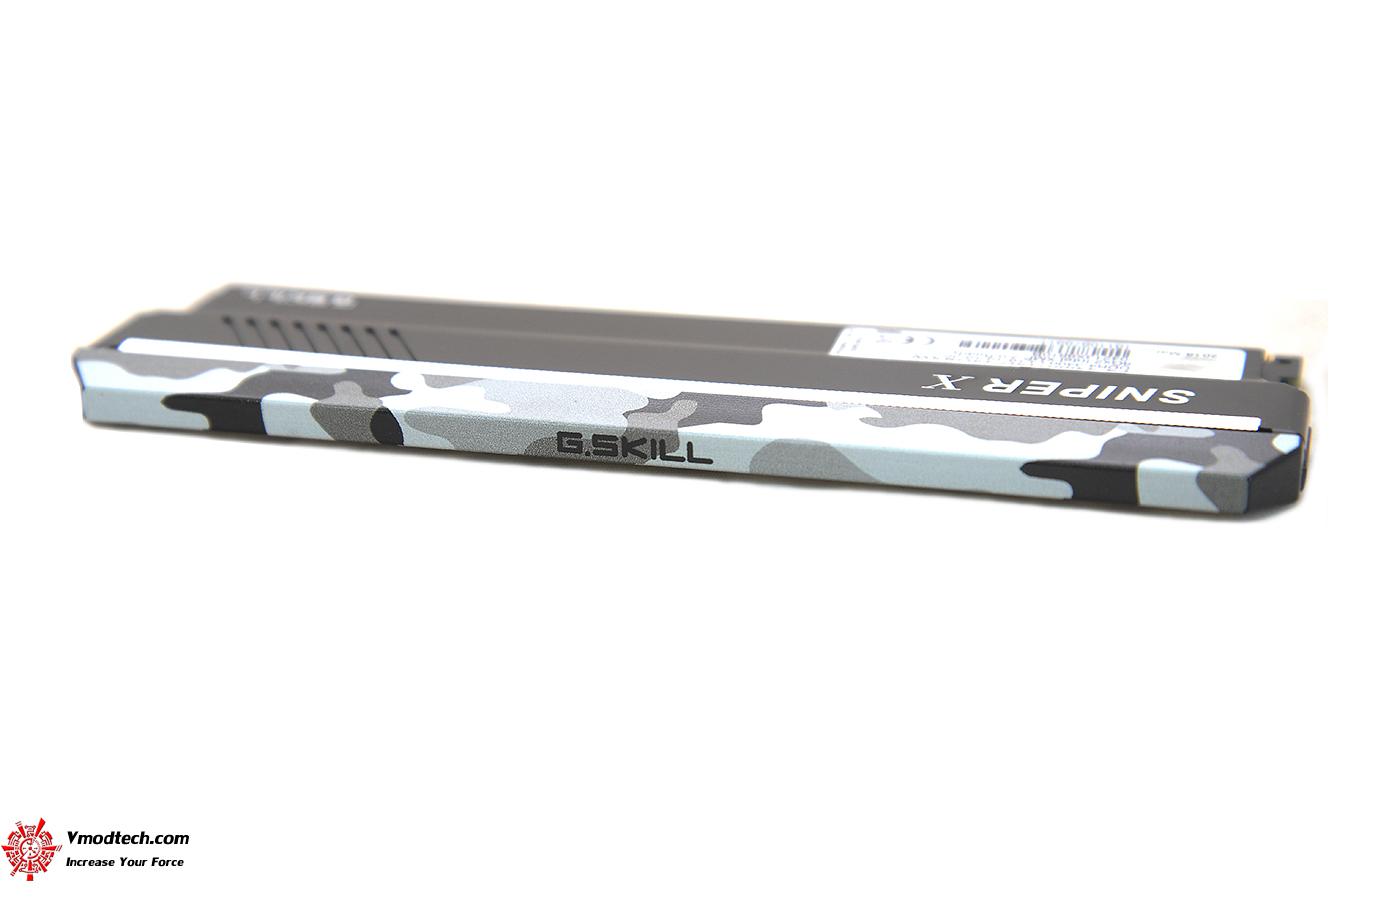 dsc 1467 G.SKILL SNIPER X DDR4 3400Mhz 16GB F4 3400C16D 16GSXW REVIEW